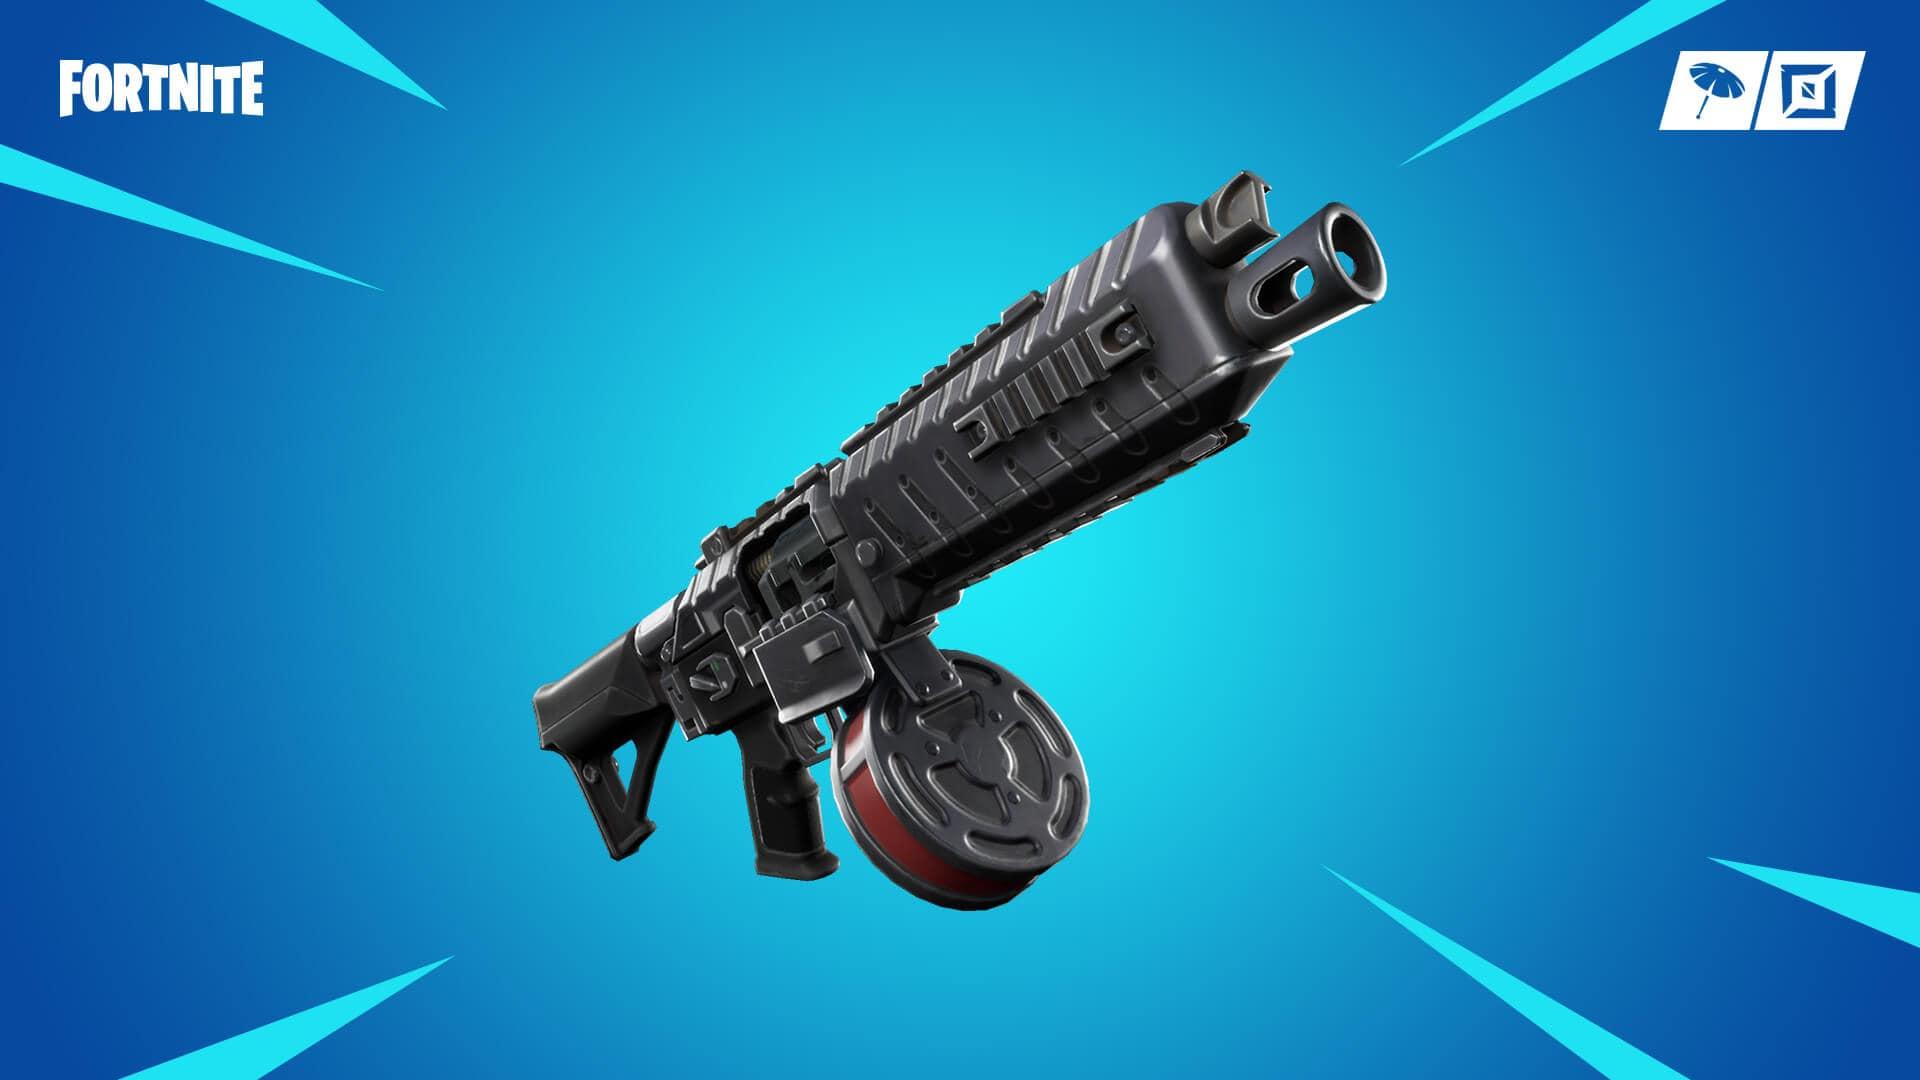 Fortnite-drum-shotgun